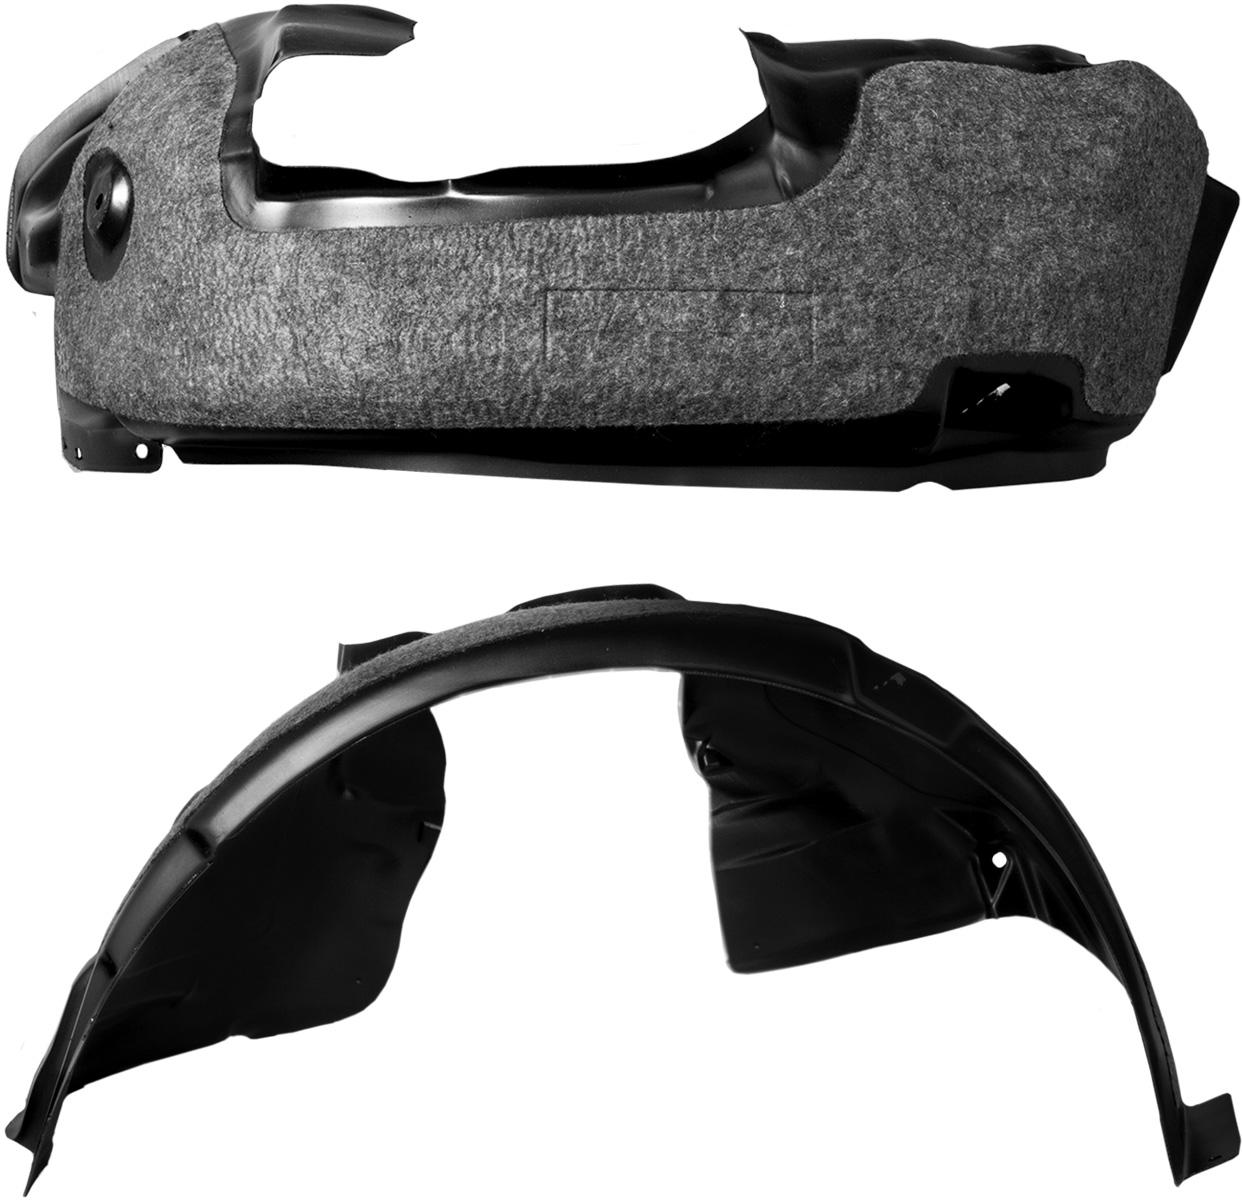 Подкрылок с шумоизоляцией Novline-Autofamily, для Peugeot Boxer, 08/2014 ->, без расширителей арок (передний правый)5104Подкрылок с шумоизоляцией - революционный продукт, совмещающий в себе все достоинства обычного подкрылка, и в то же время являющийся одним из наиболее эффективных средств борьбы с внешним шумом в салоне автомобиля. Подкрылки бренда Novline-Autofamily разрабатываются индивидуально для каждого автомобиля с использованием метода 3D-сканирования.В качестве шумоизолирующего слоя применяется легкое синтетическое нетканое полотно толщиной 10 мм, которое отталкивает влагу, сохраняет свои шумоизоляционные свойства на протяжении всего периода эксплуатации.Подкрылки с шумоизоляцией не имеют эксплуатационных ограничений и устанавливаются один раз на весь срок службы автомобиля.Подкрылки с шумоизоляцией не имеют аналогов и являются российским изобретением, получившим признание во всём мире. Уважаемые клиенты! Обращаем ваше внимание, фото может не полностью соответствовать оригиналу.